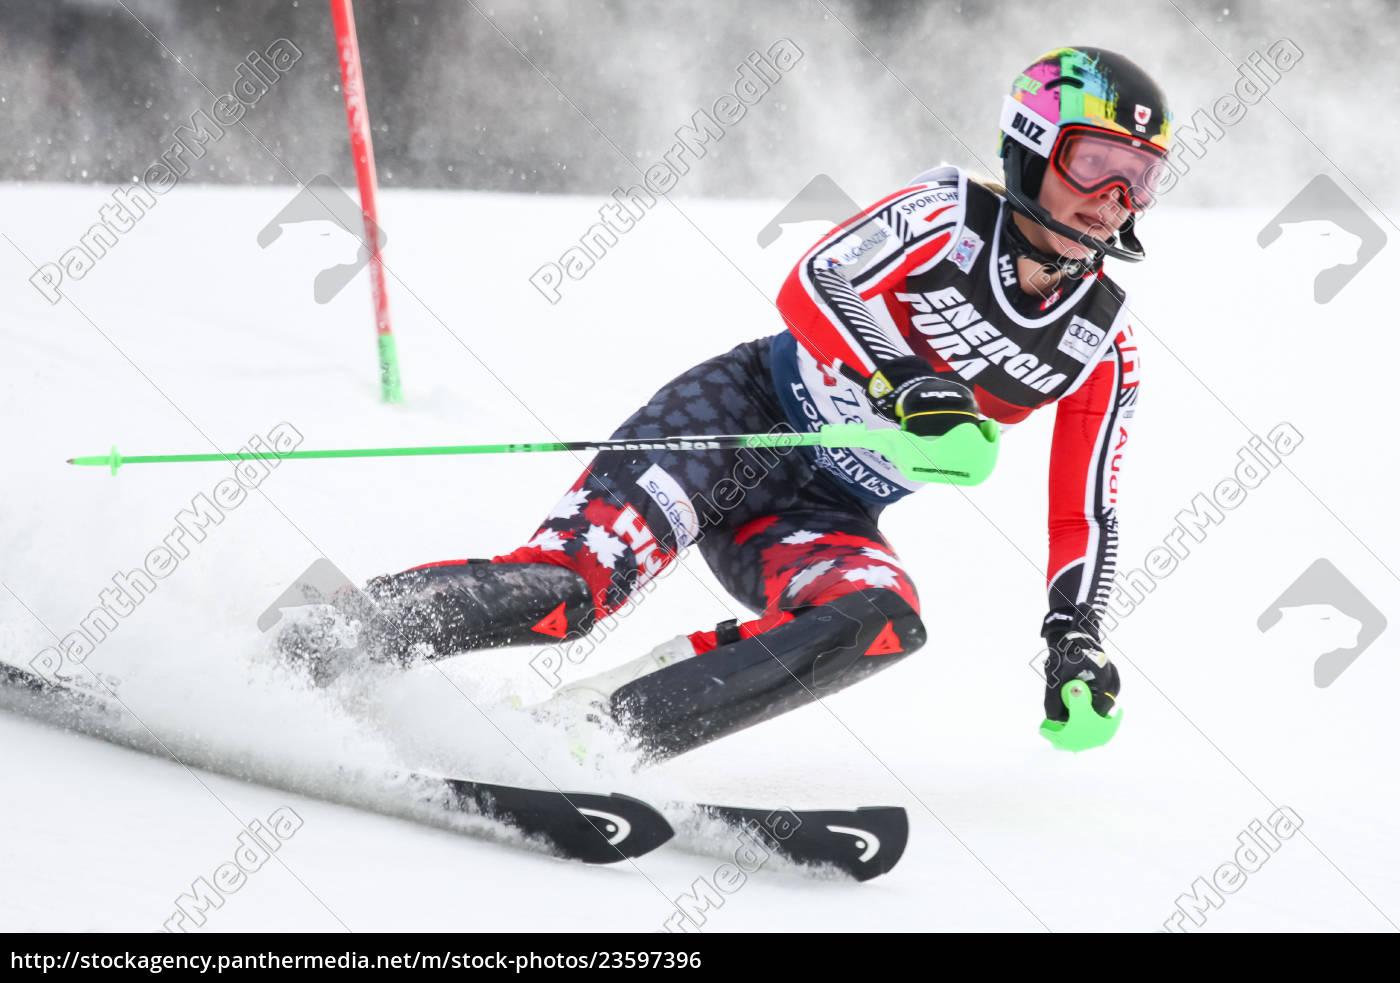 audi fis weltcup damen slalom - Lizenzpflichtiges Bild ...